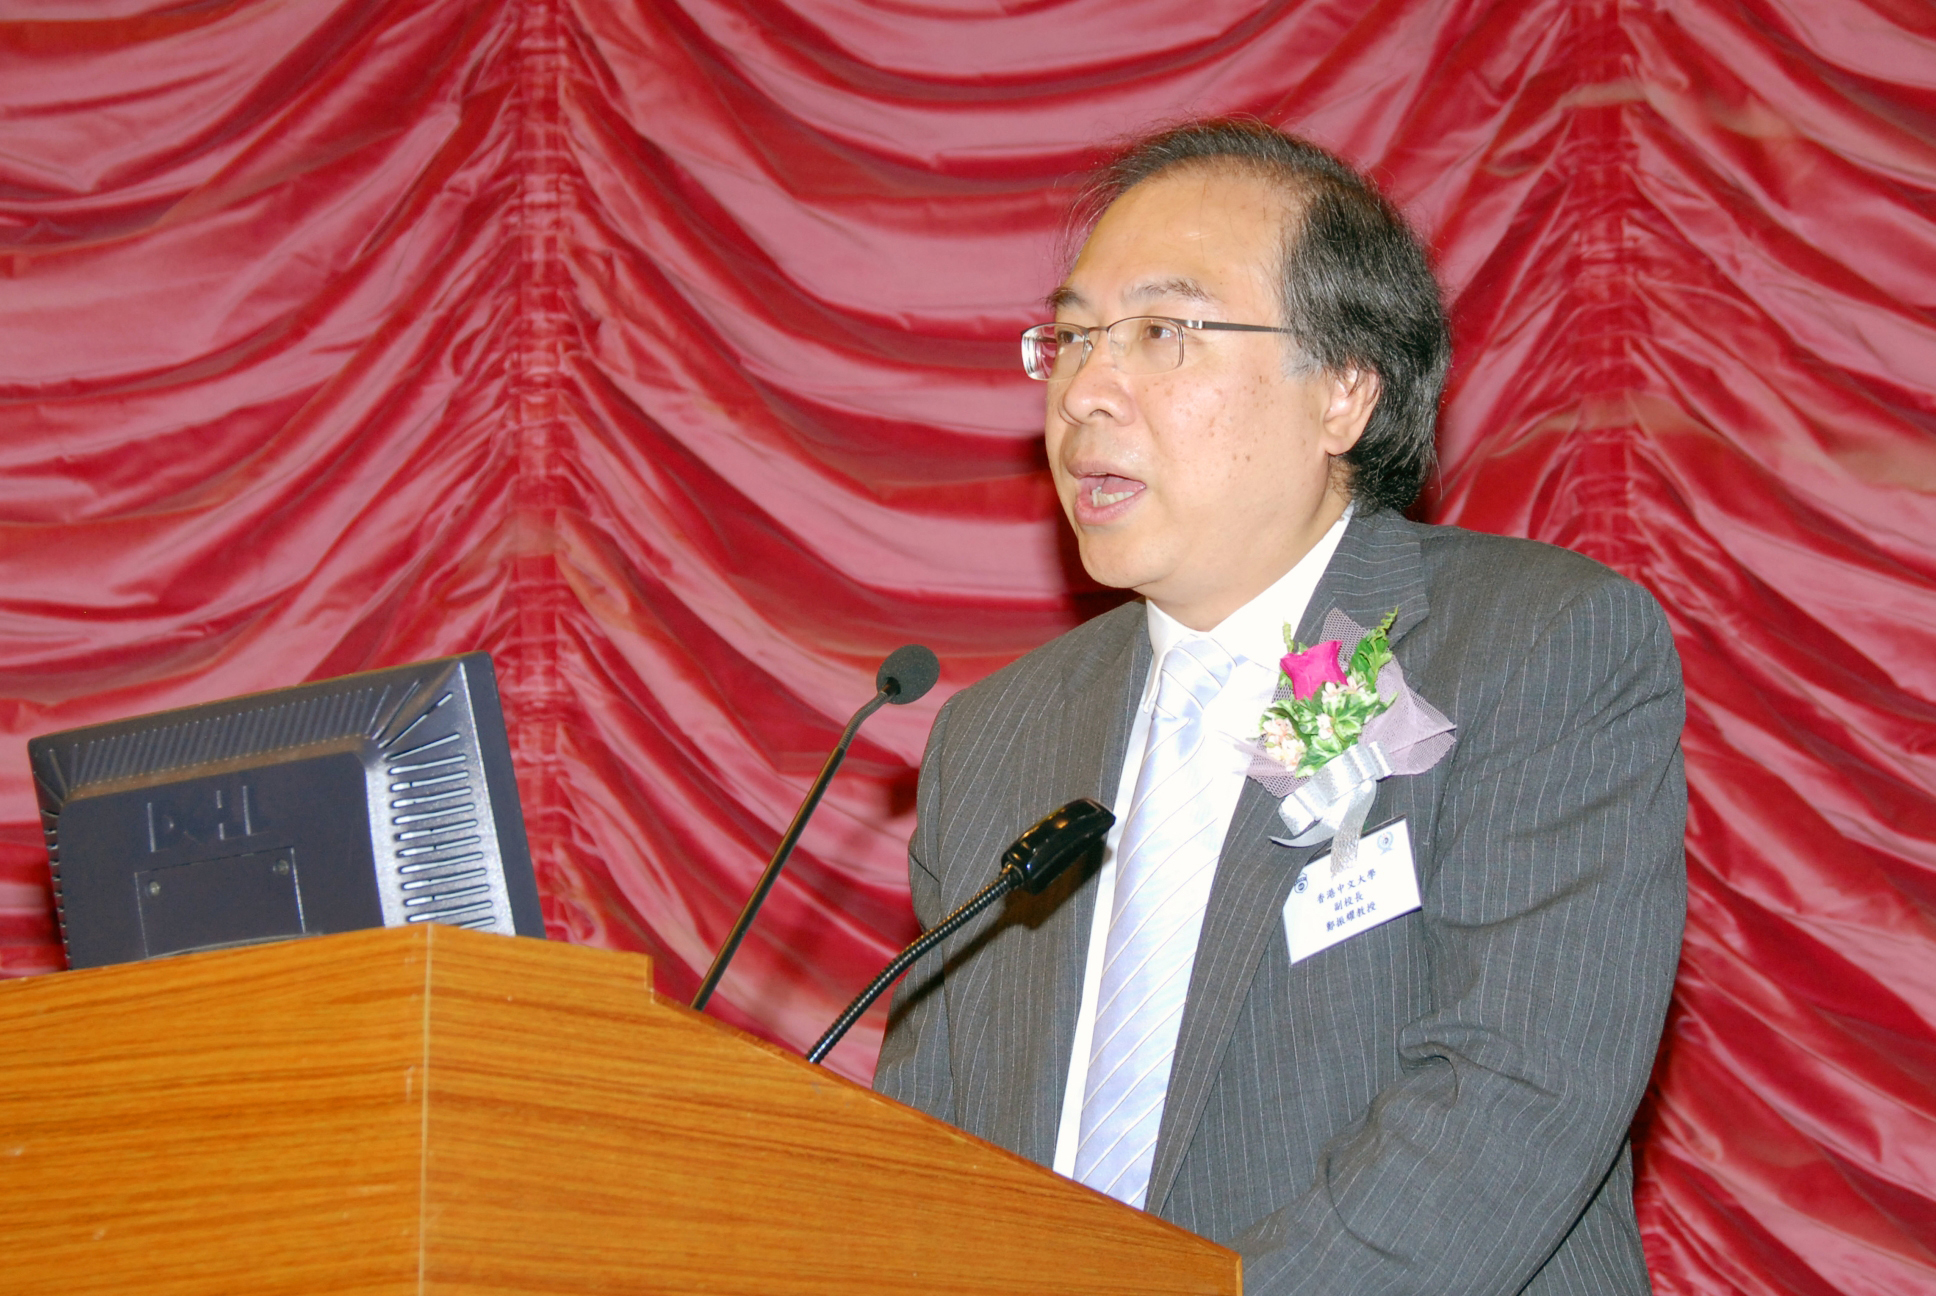 香港中文大學副校長鄭振耀教授於歡迎儀式致詞。